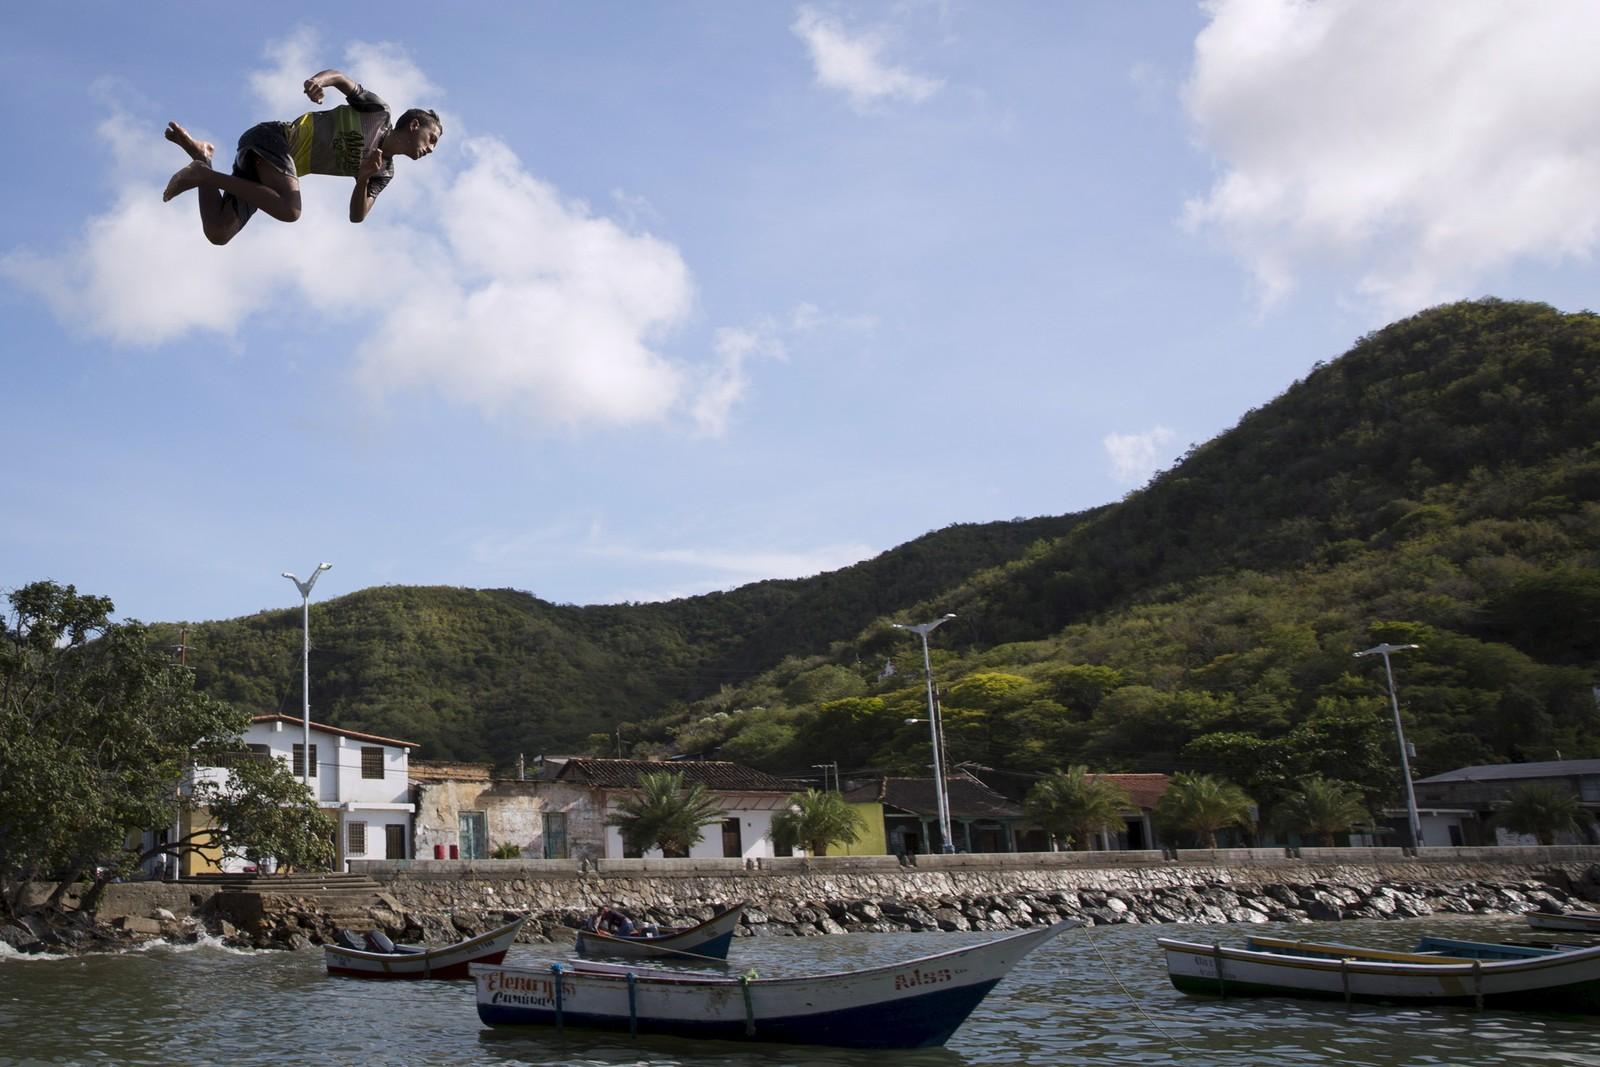 Denne gutten hopper i det i Rio Caribe, Venezuela.